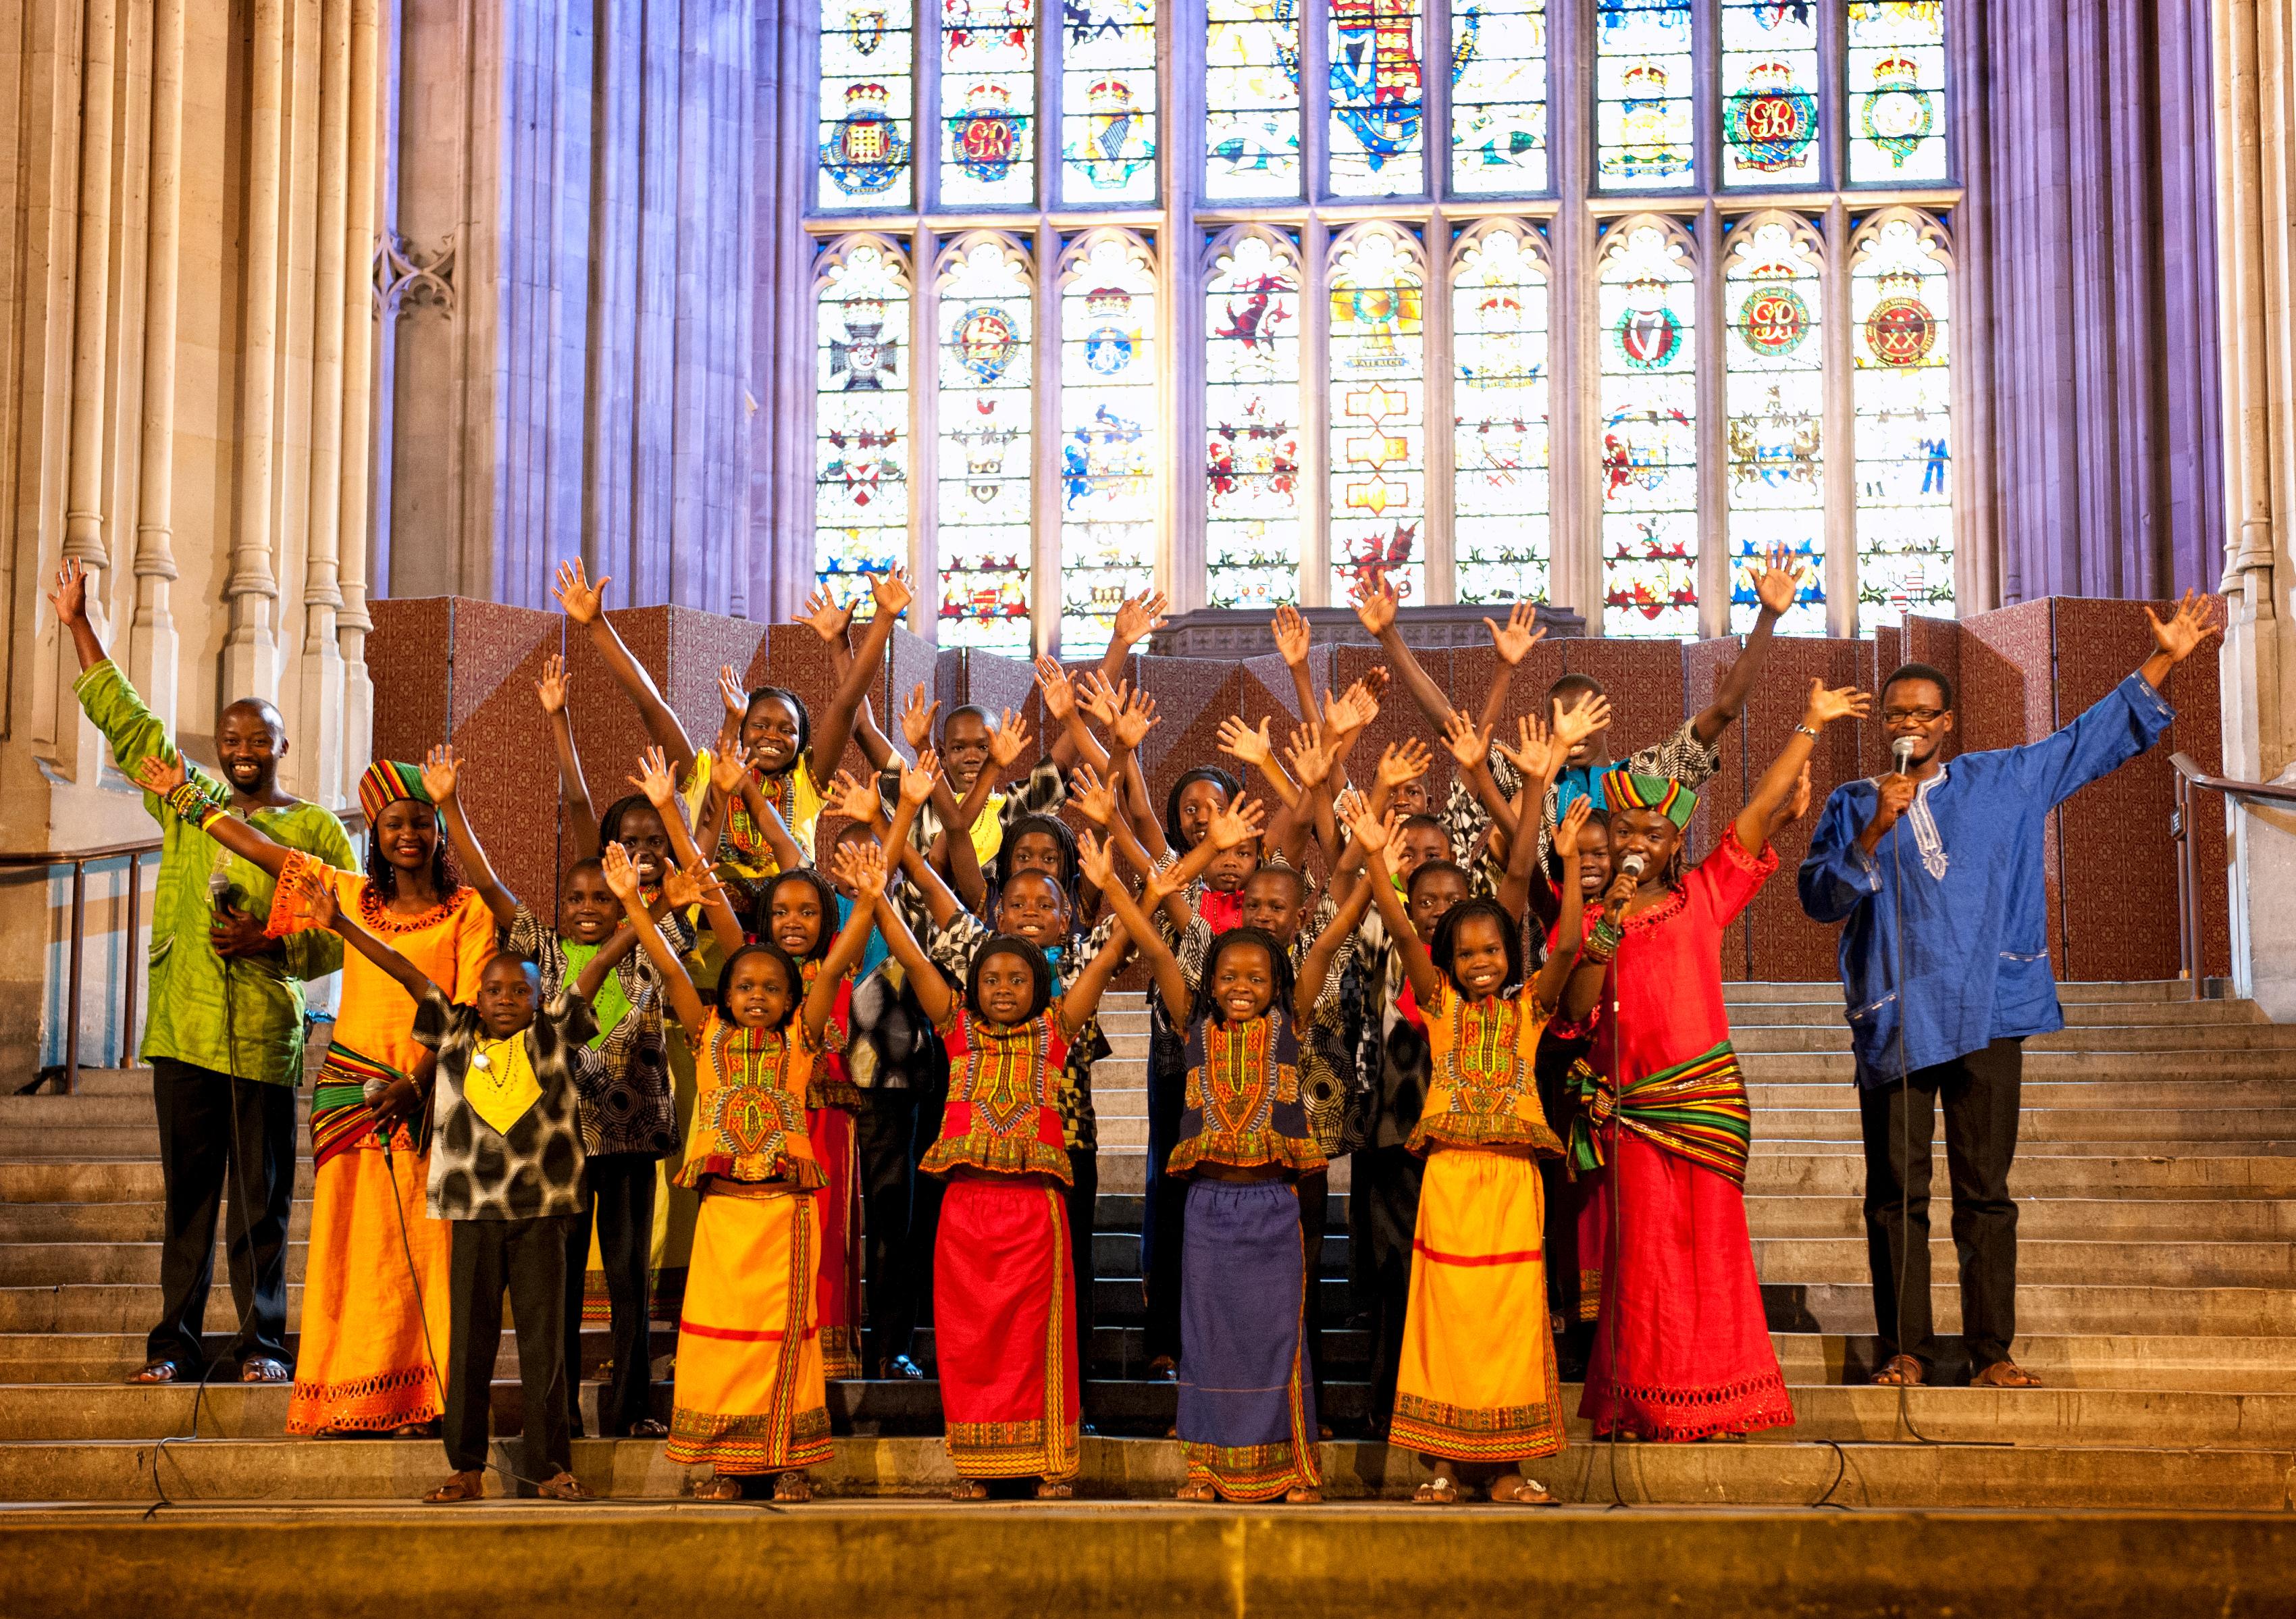 Watoto Children's Choir of Uganda